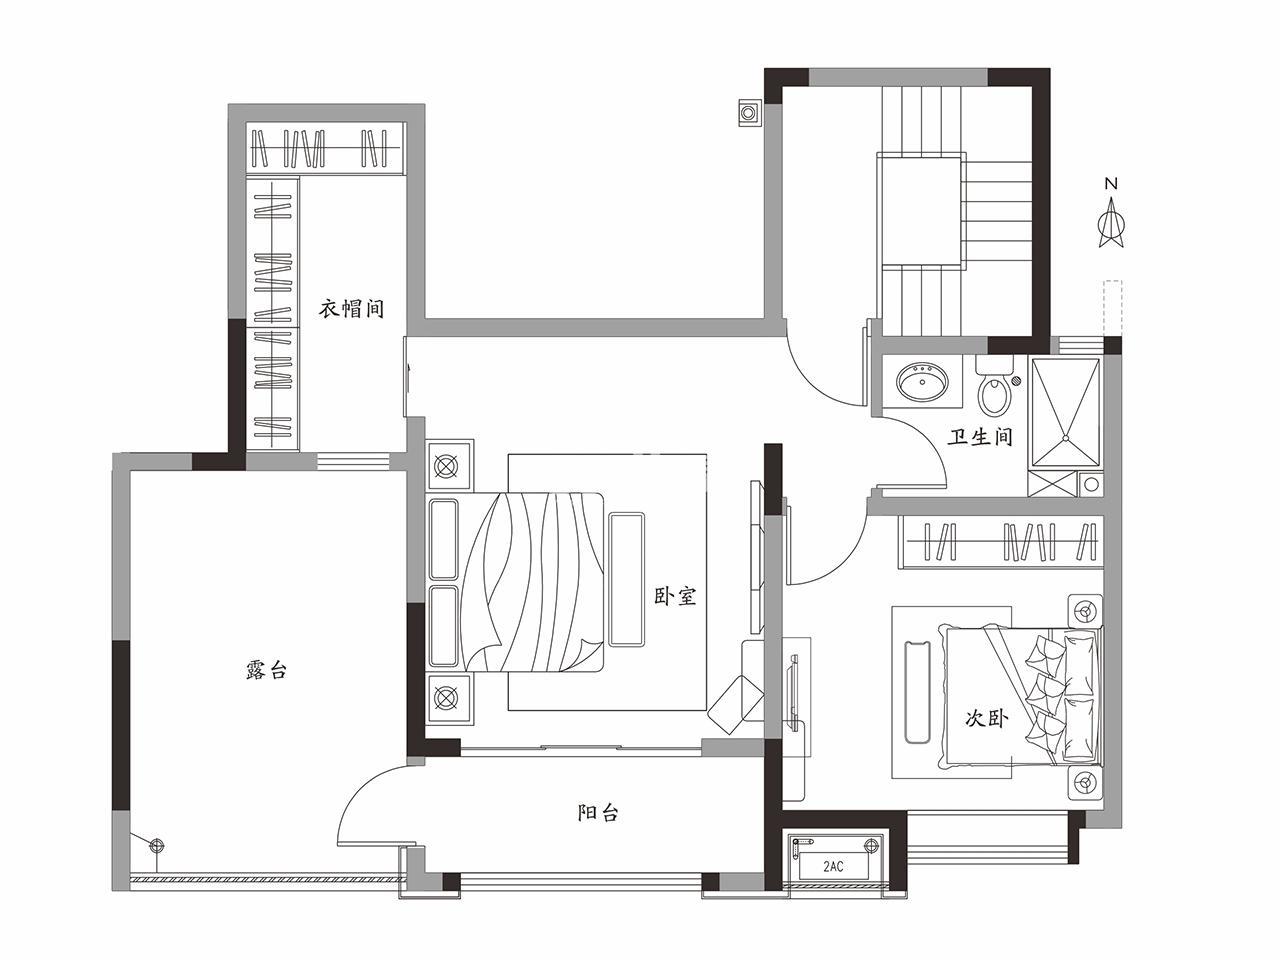 中建锦绣天地项目194㎡(二楼)户型图